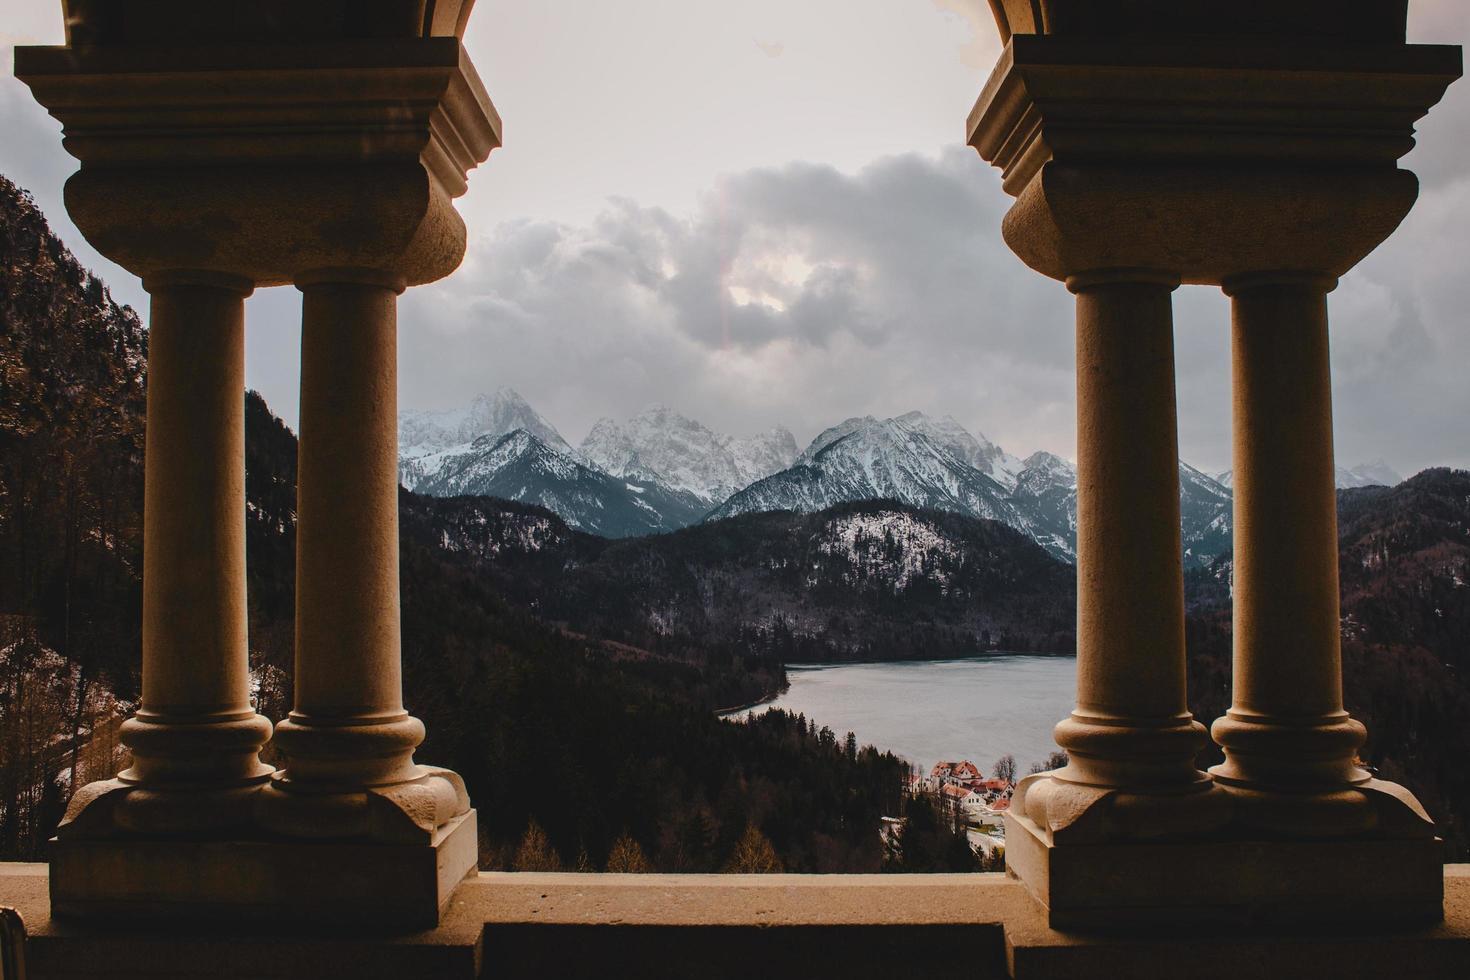 Gebirgskette von Säulen eingerahmt foto